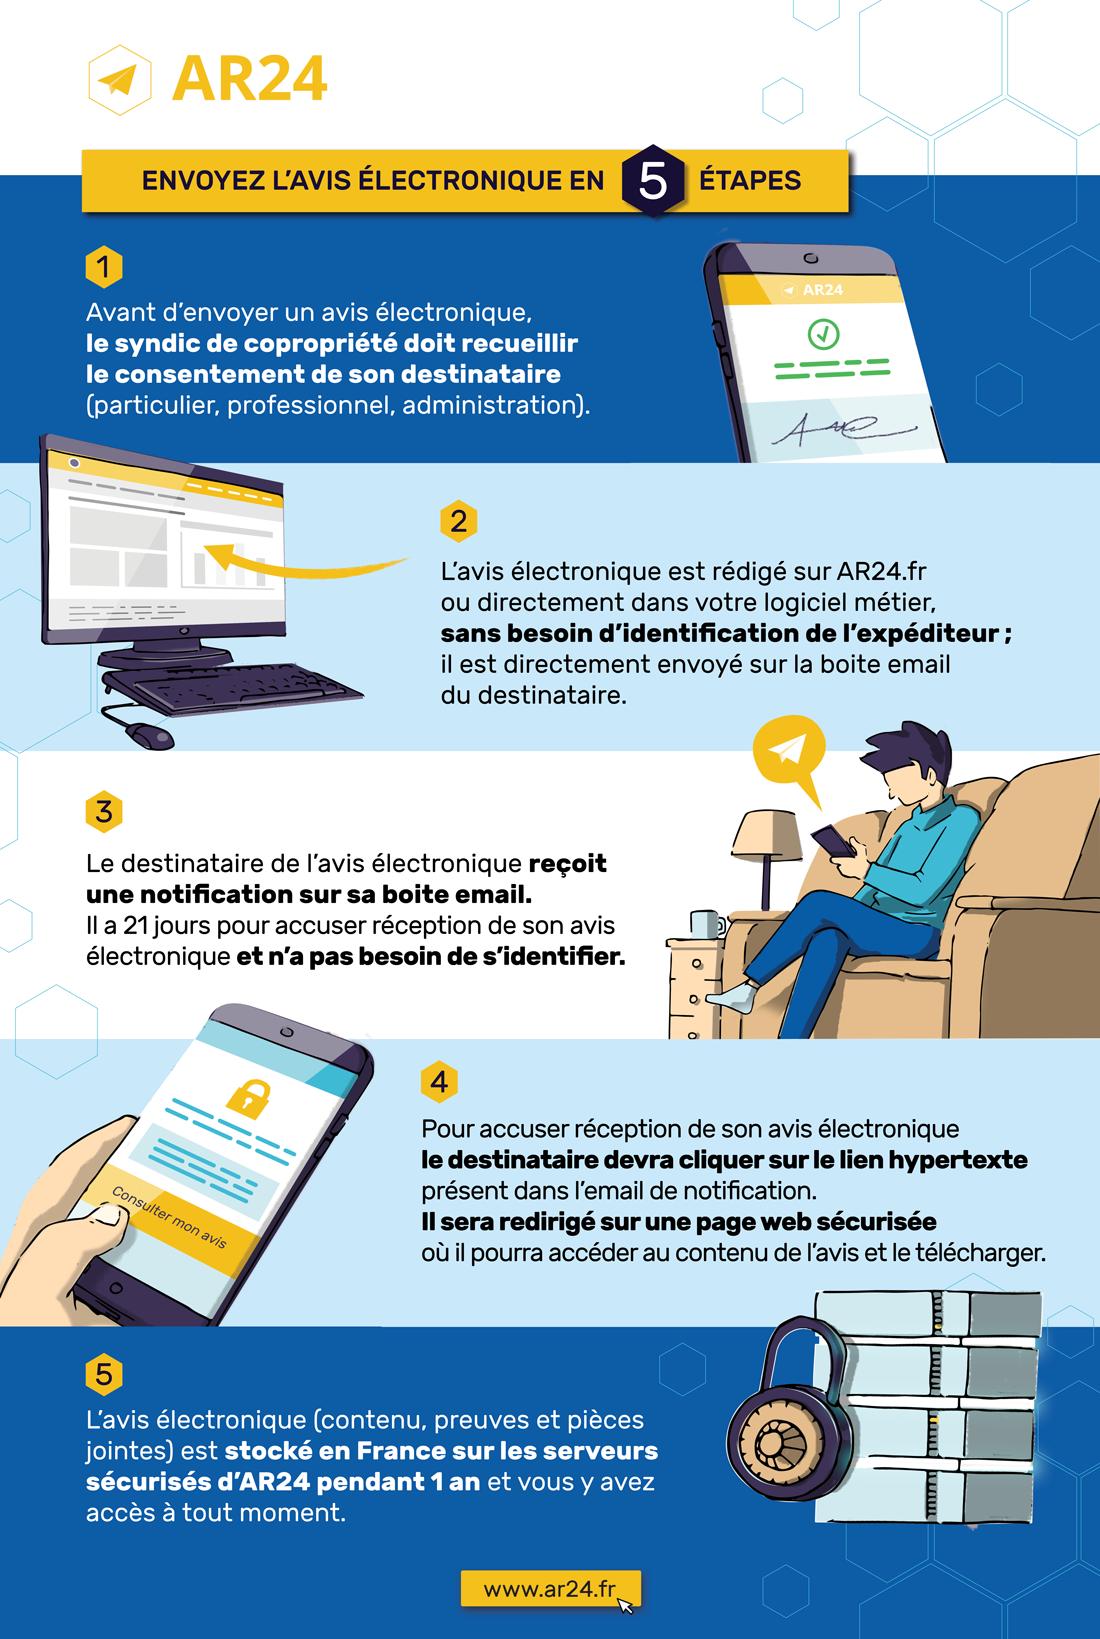 Avis électronique syndic infographie ar24